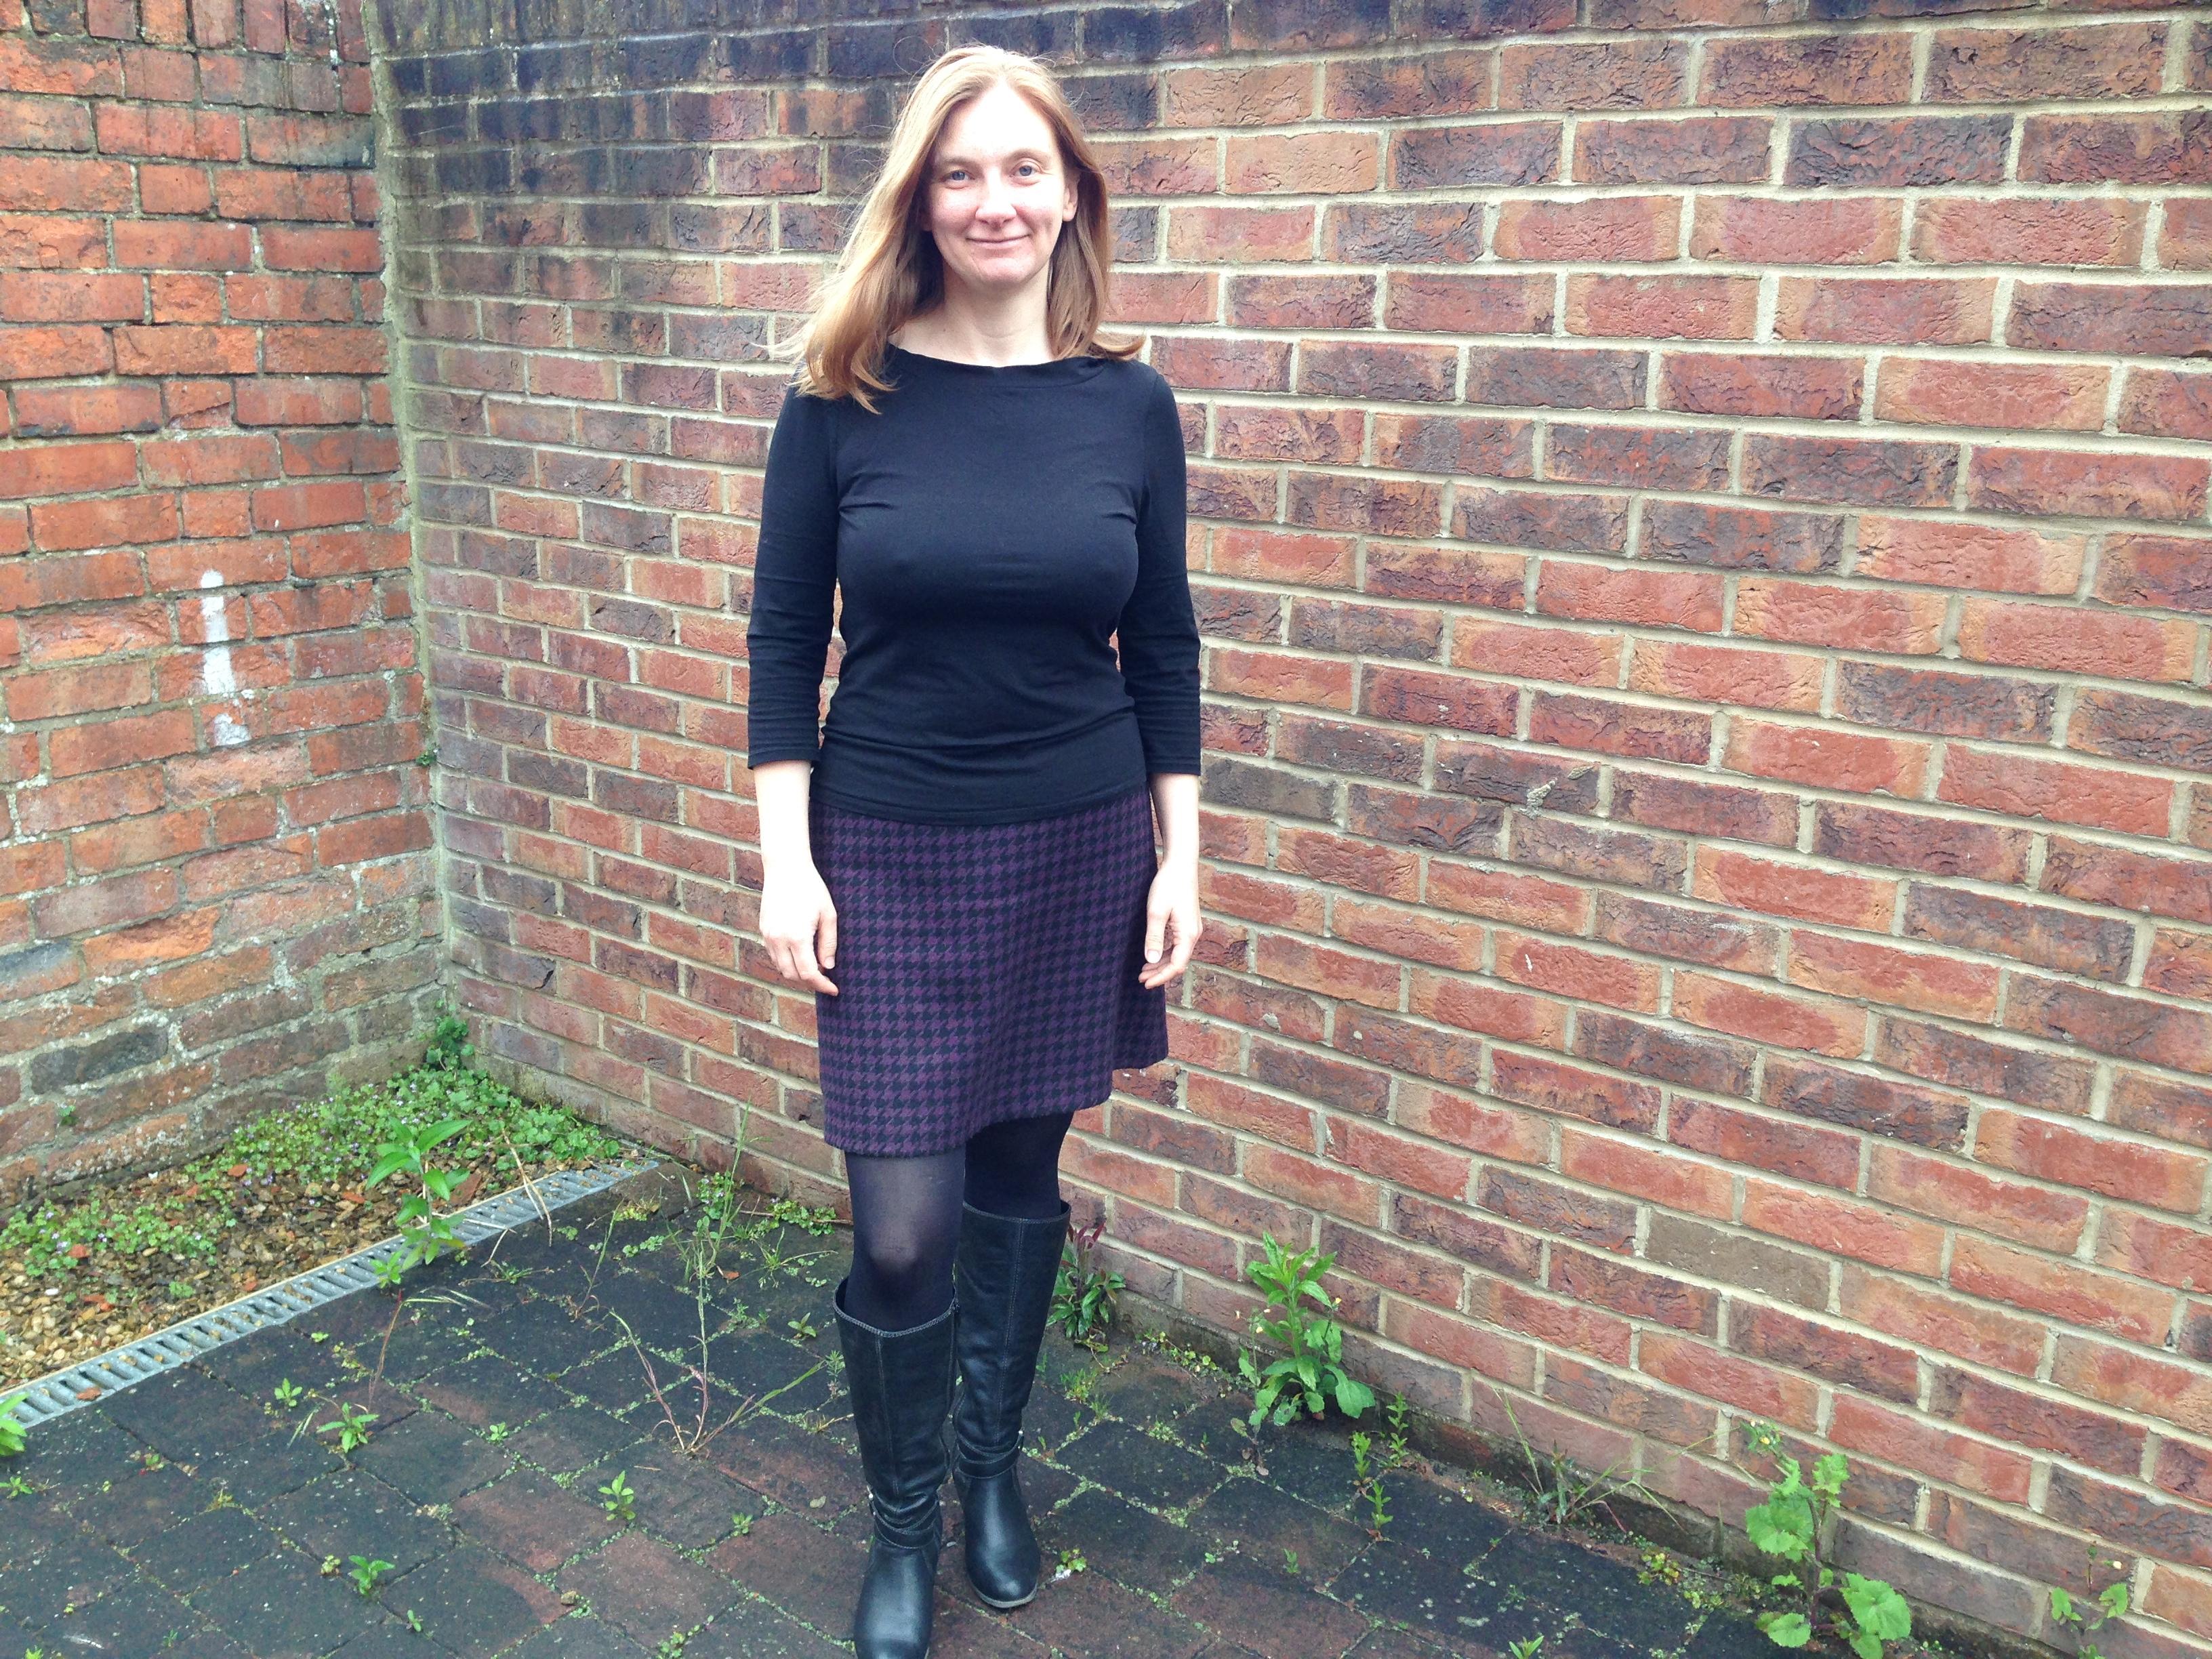 Me & my skirt